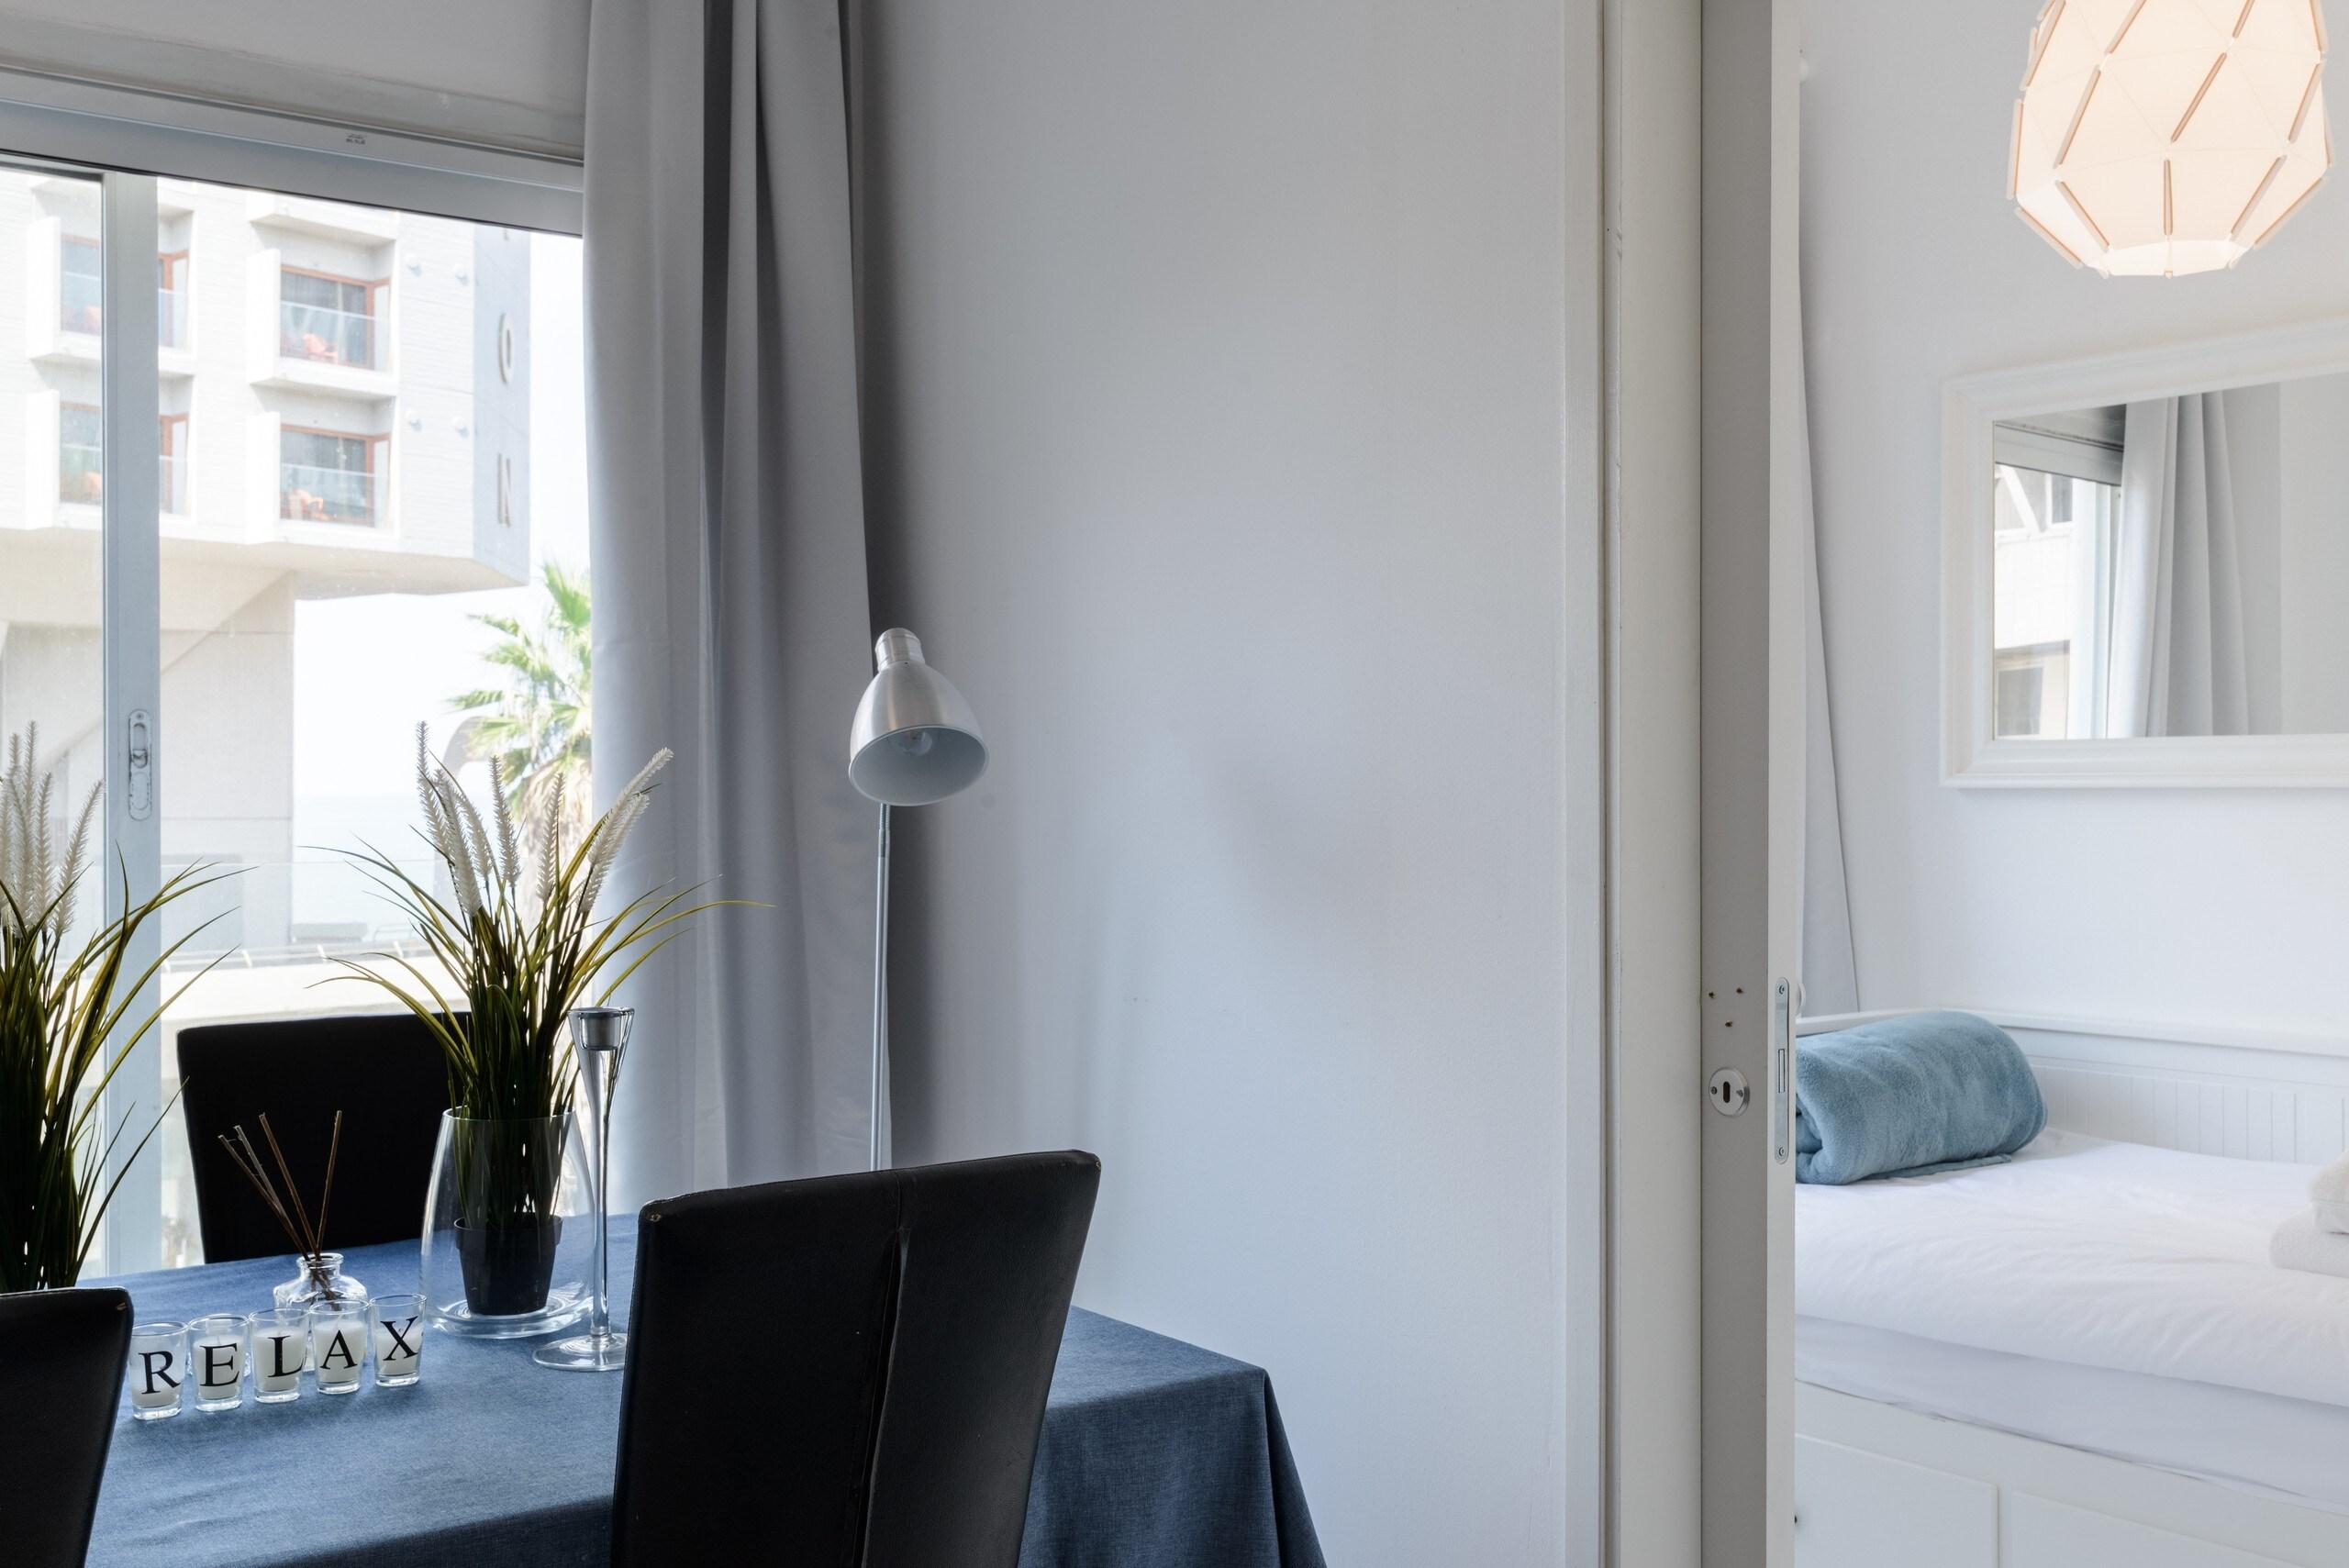 Apartment Sea View 2 bedroom apartment next to Hilton beach photo 21105523